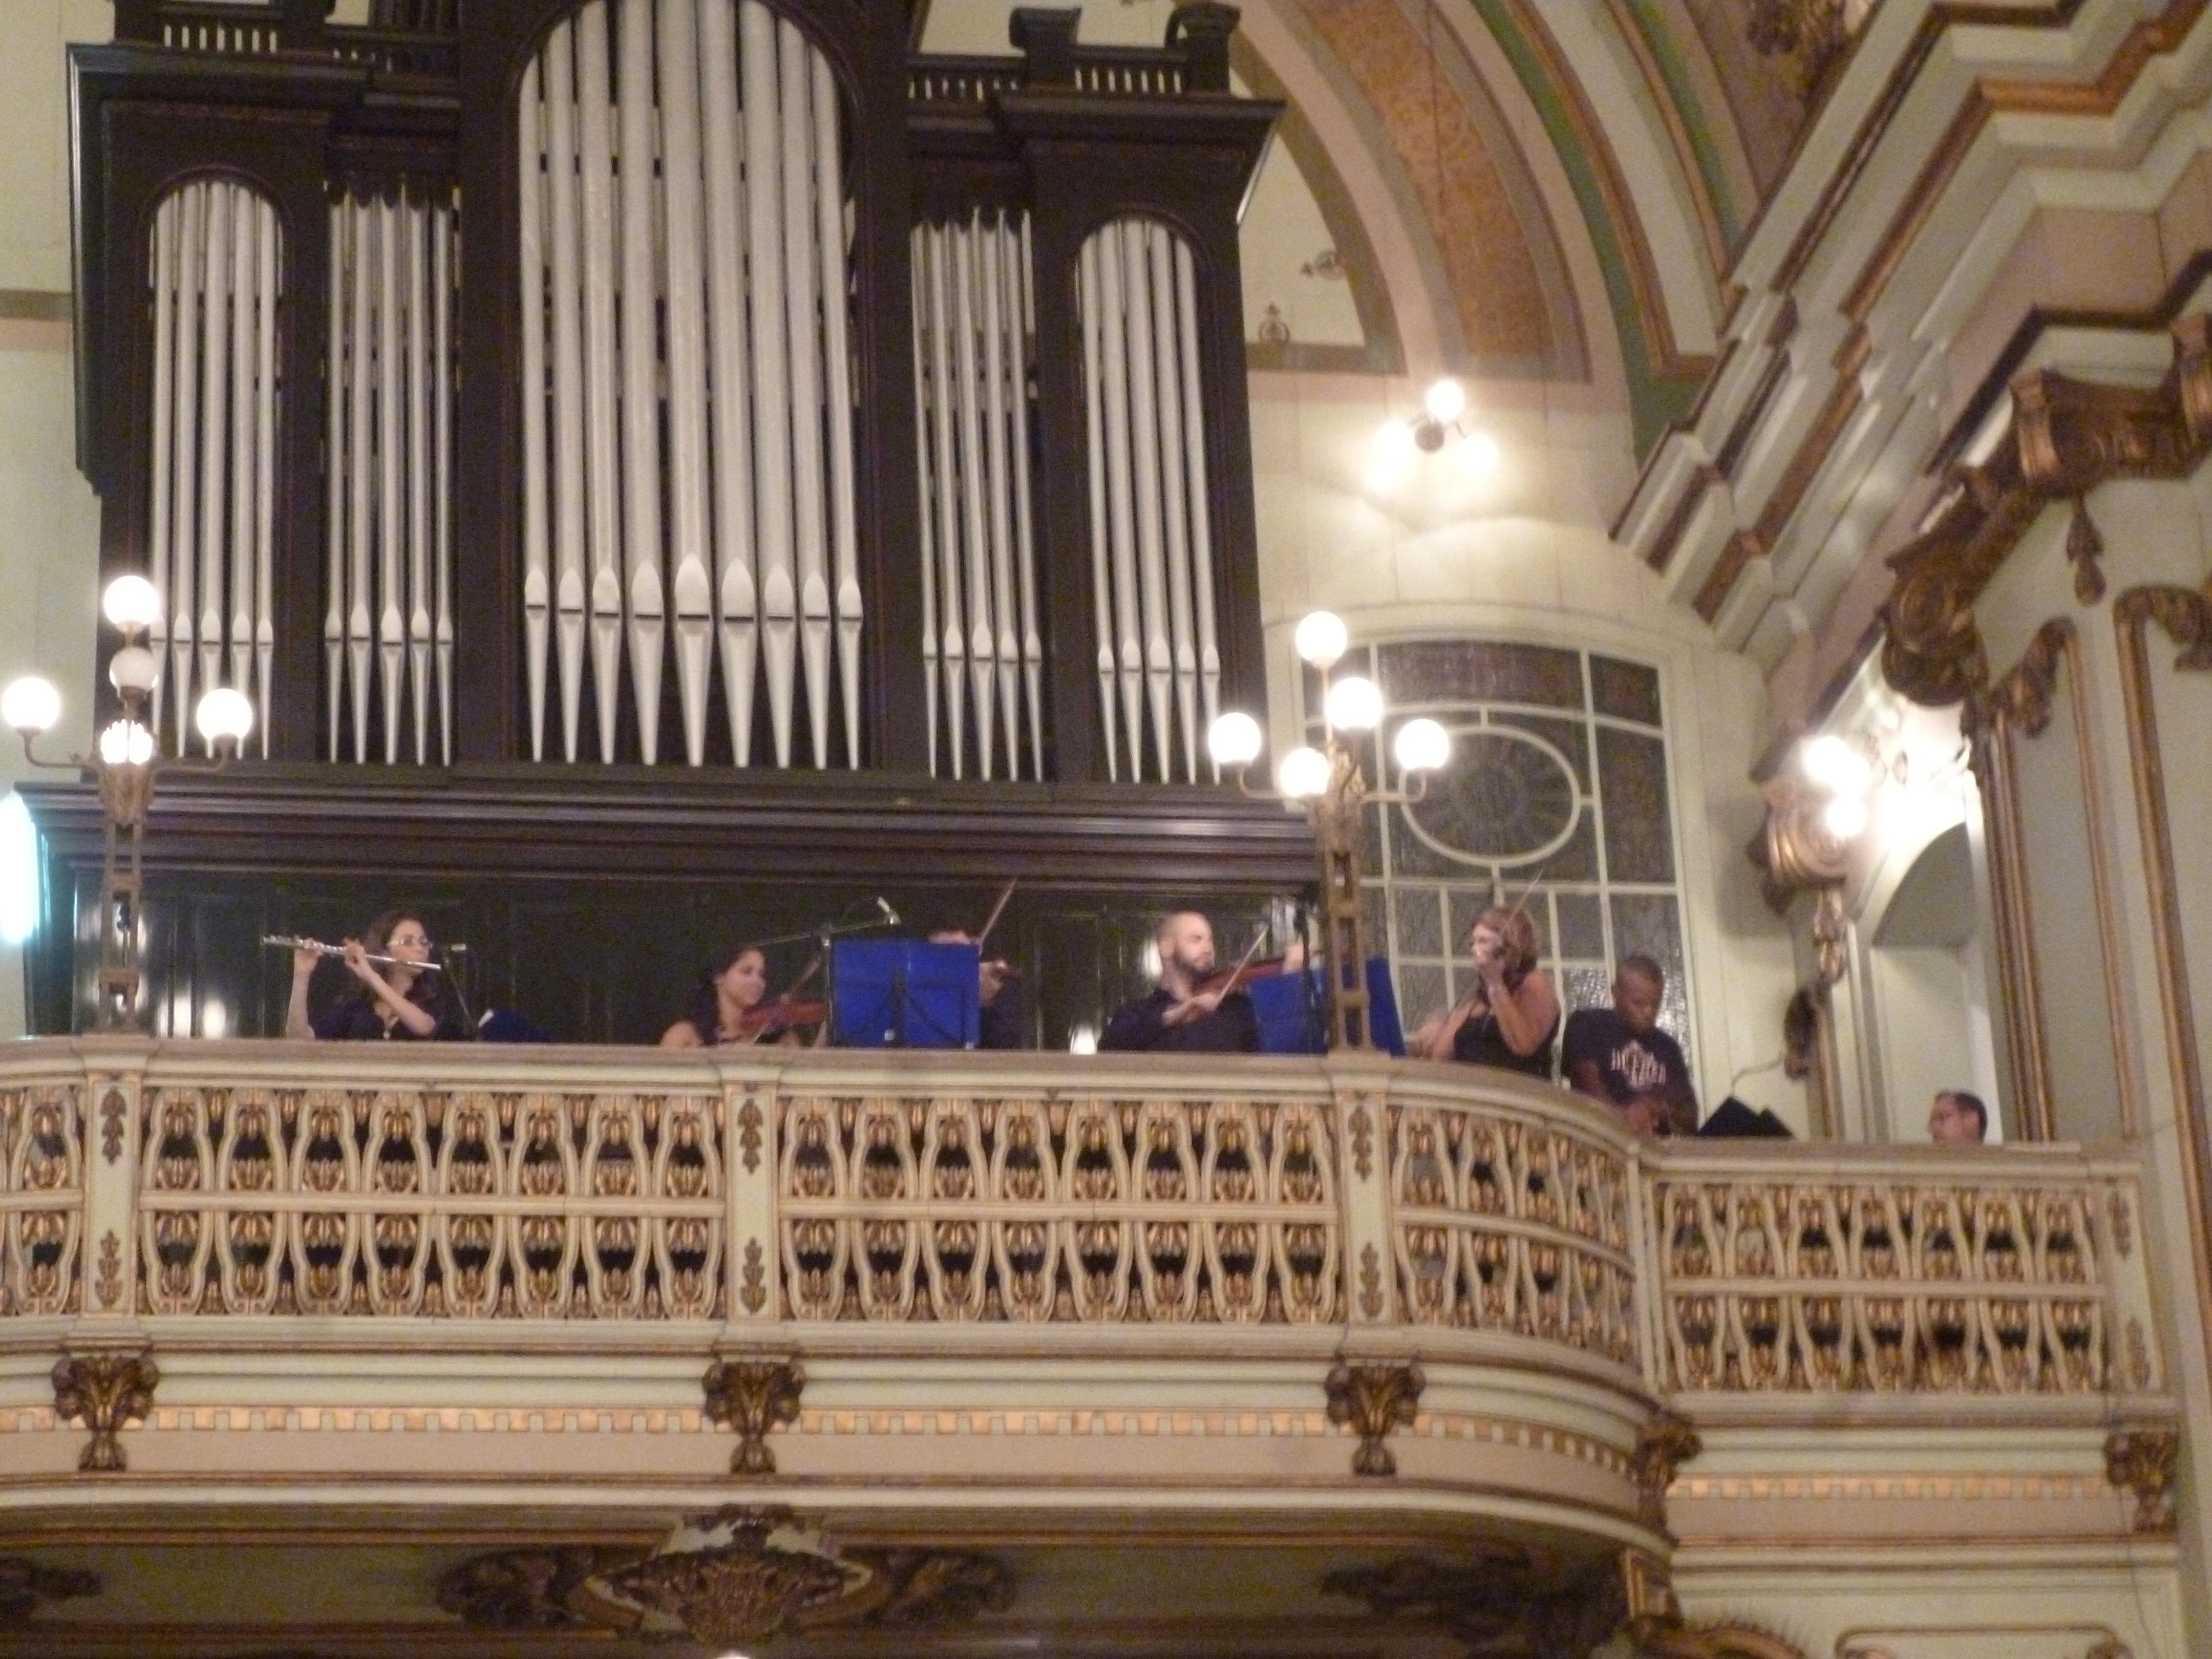 l'orgue, les musiciens, le chanteur...